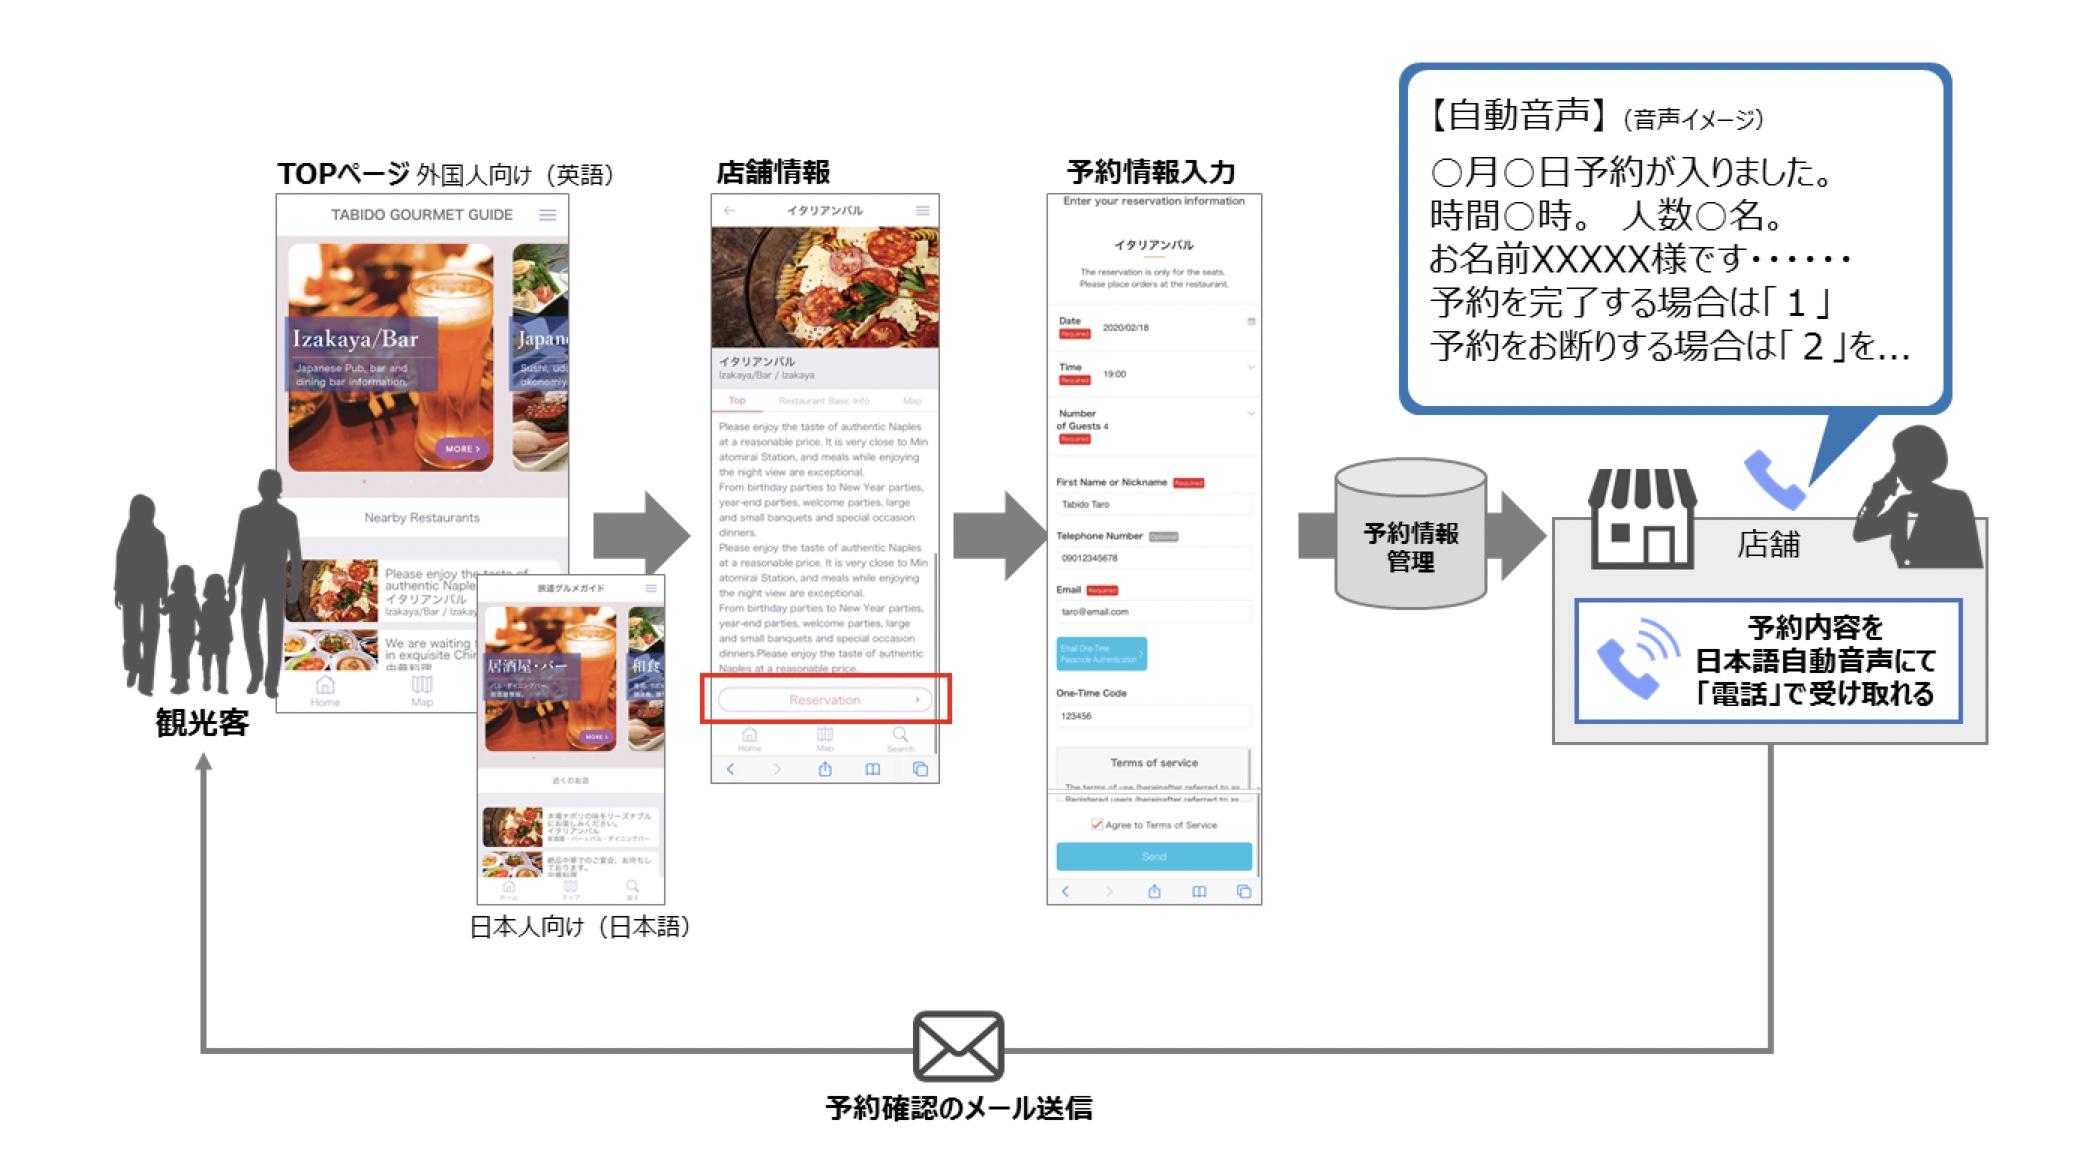 凸版印刷×TIS | 訪日外国人向け飲食店予約サービスの実証を開始